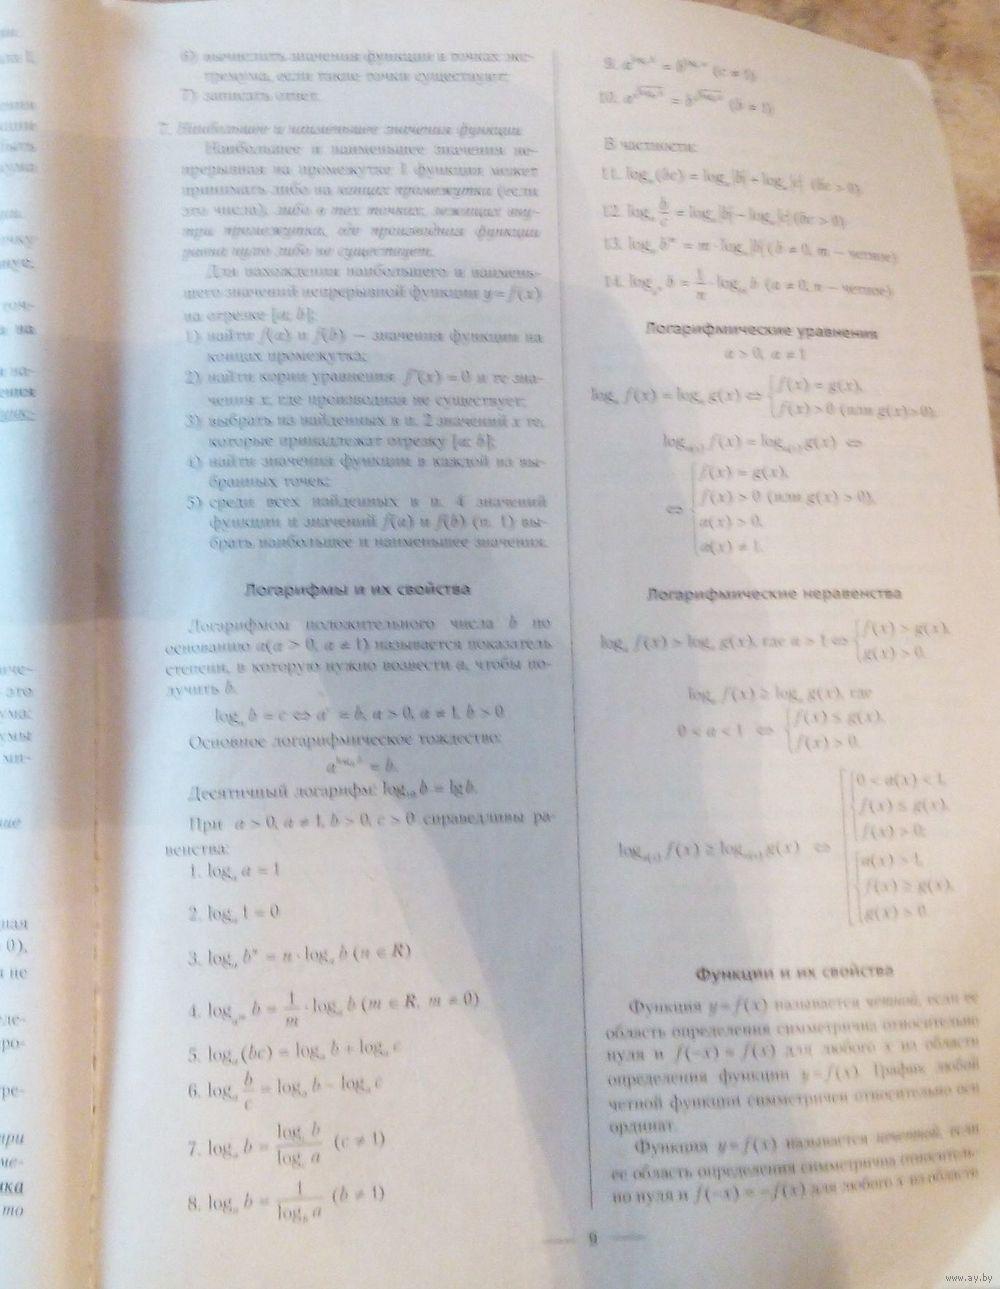 решебник для выпускного экзамена по математике 9 класс